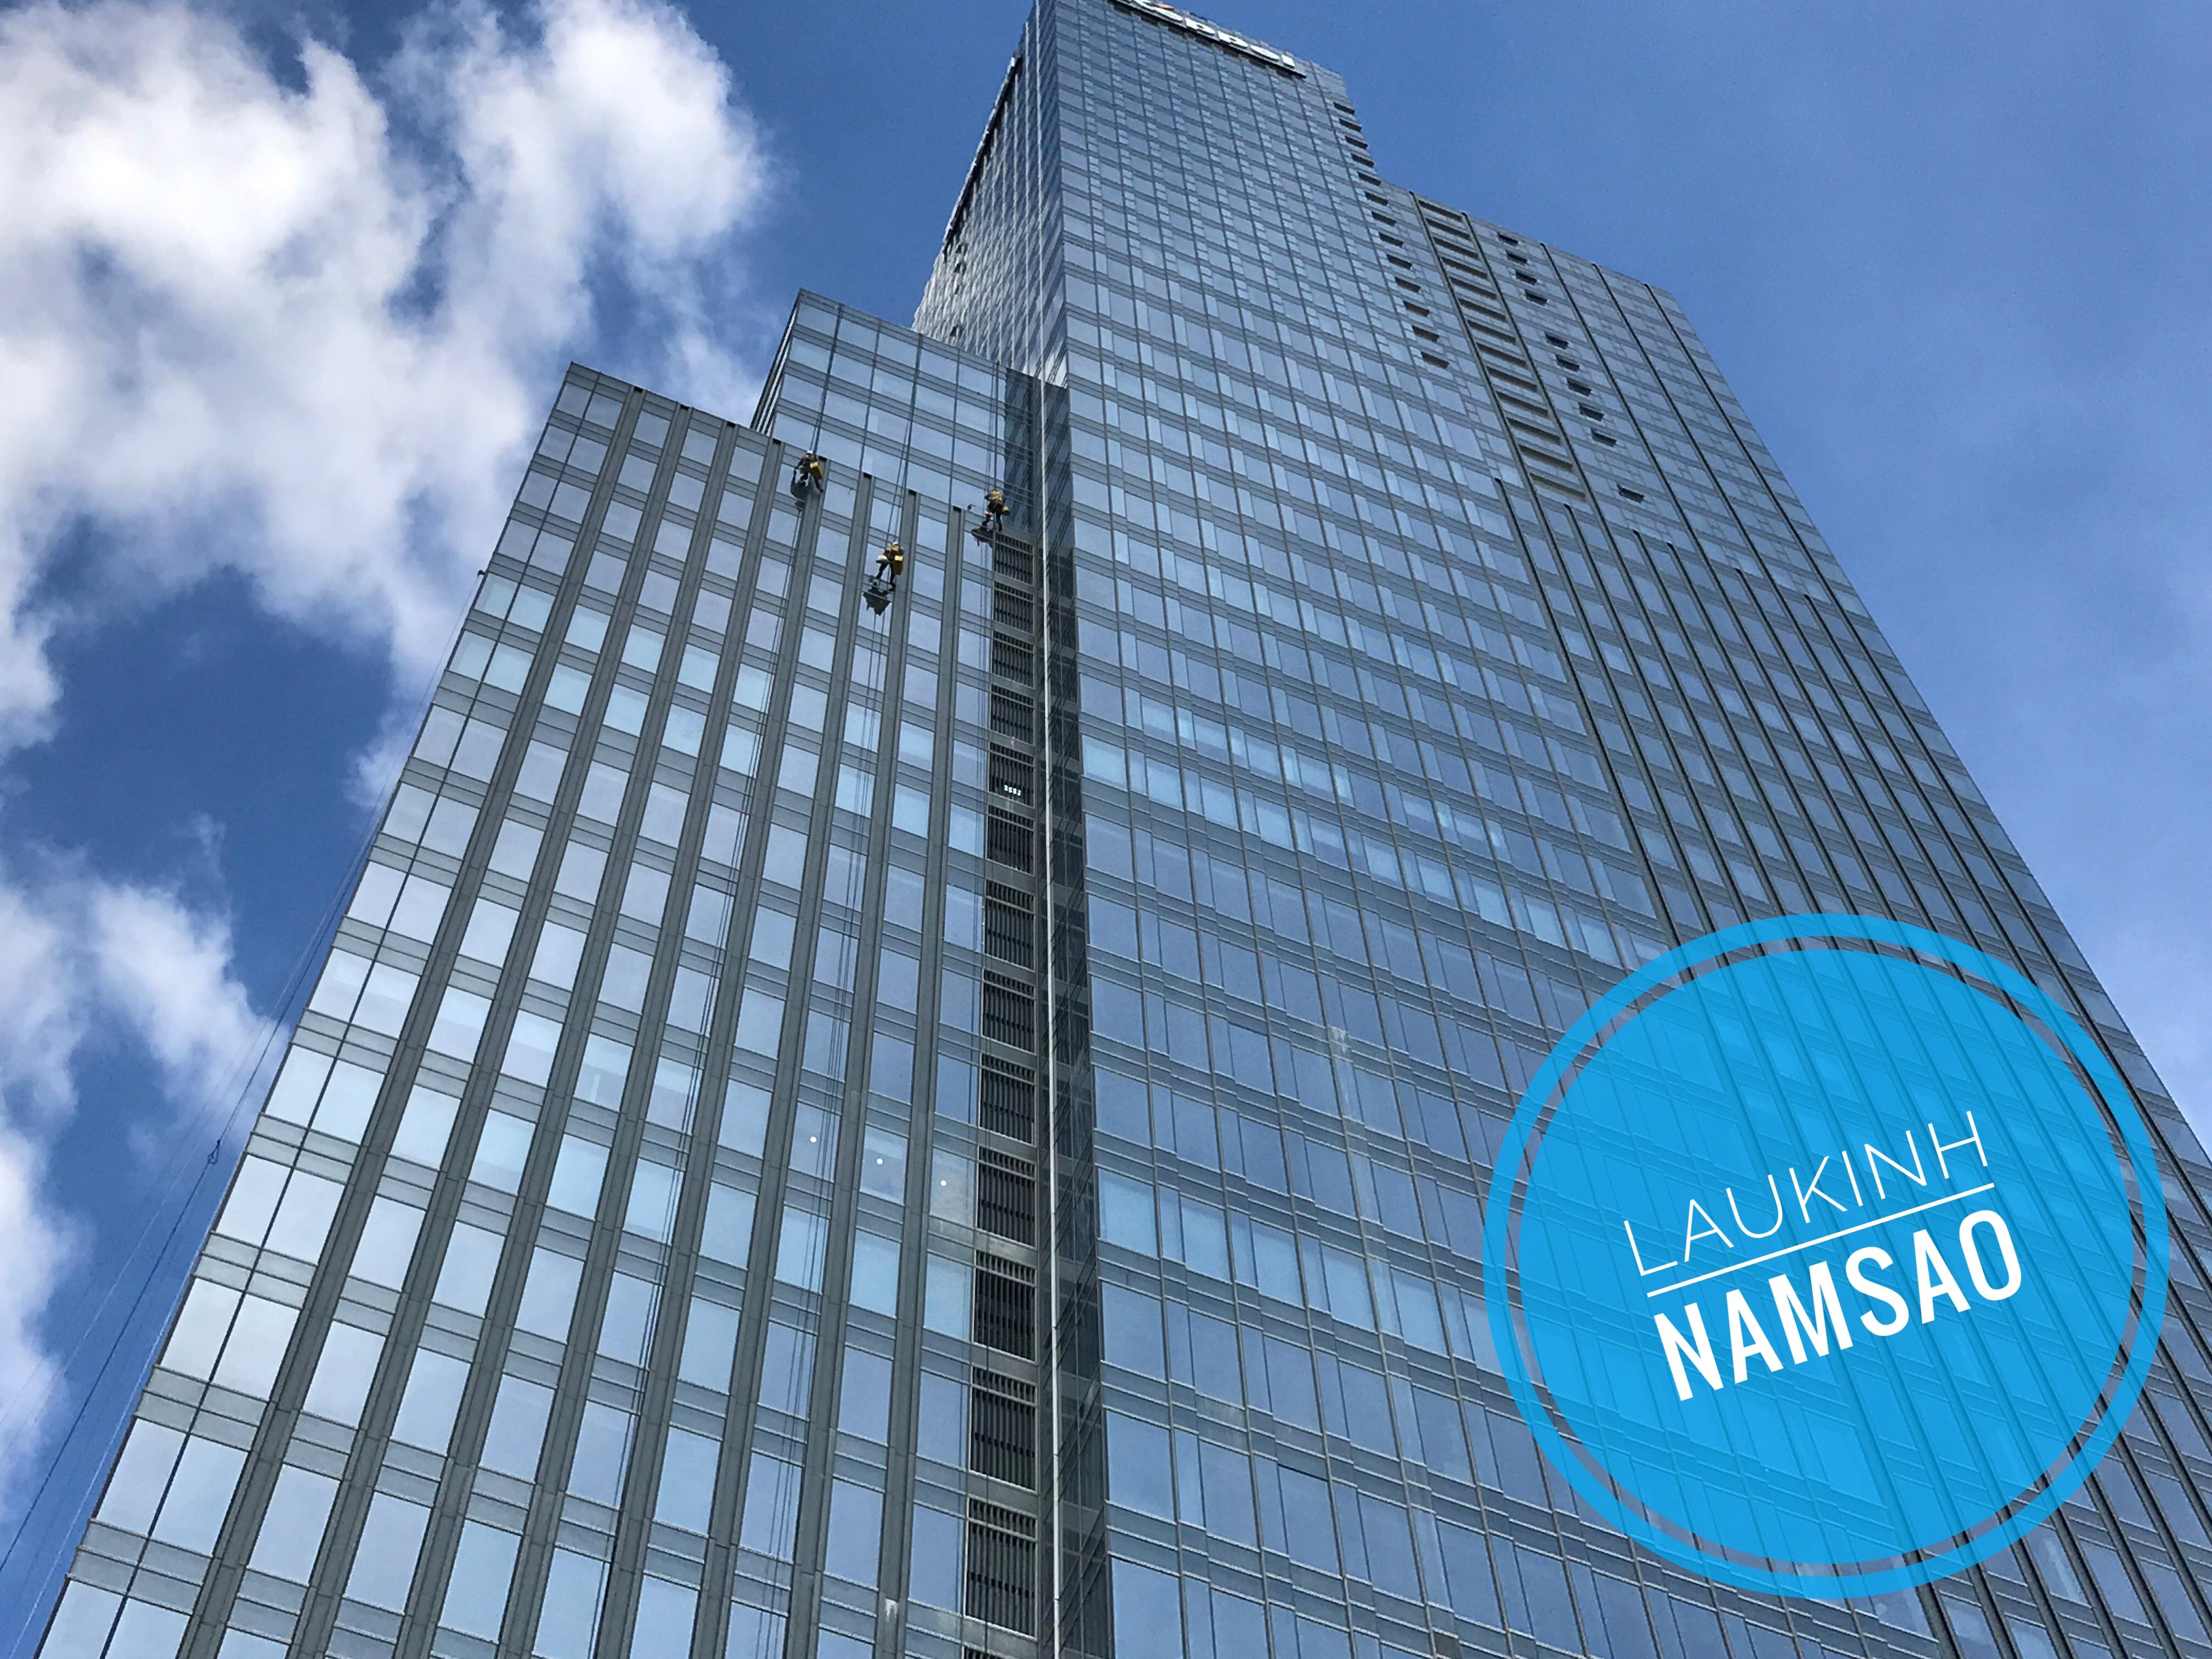 Các rủi ro khi tự lau kính nhà cao tầng